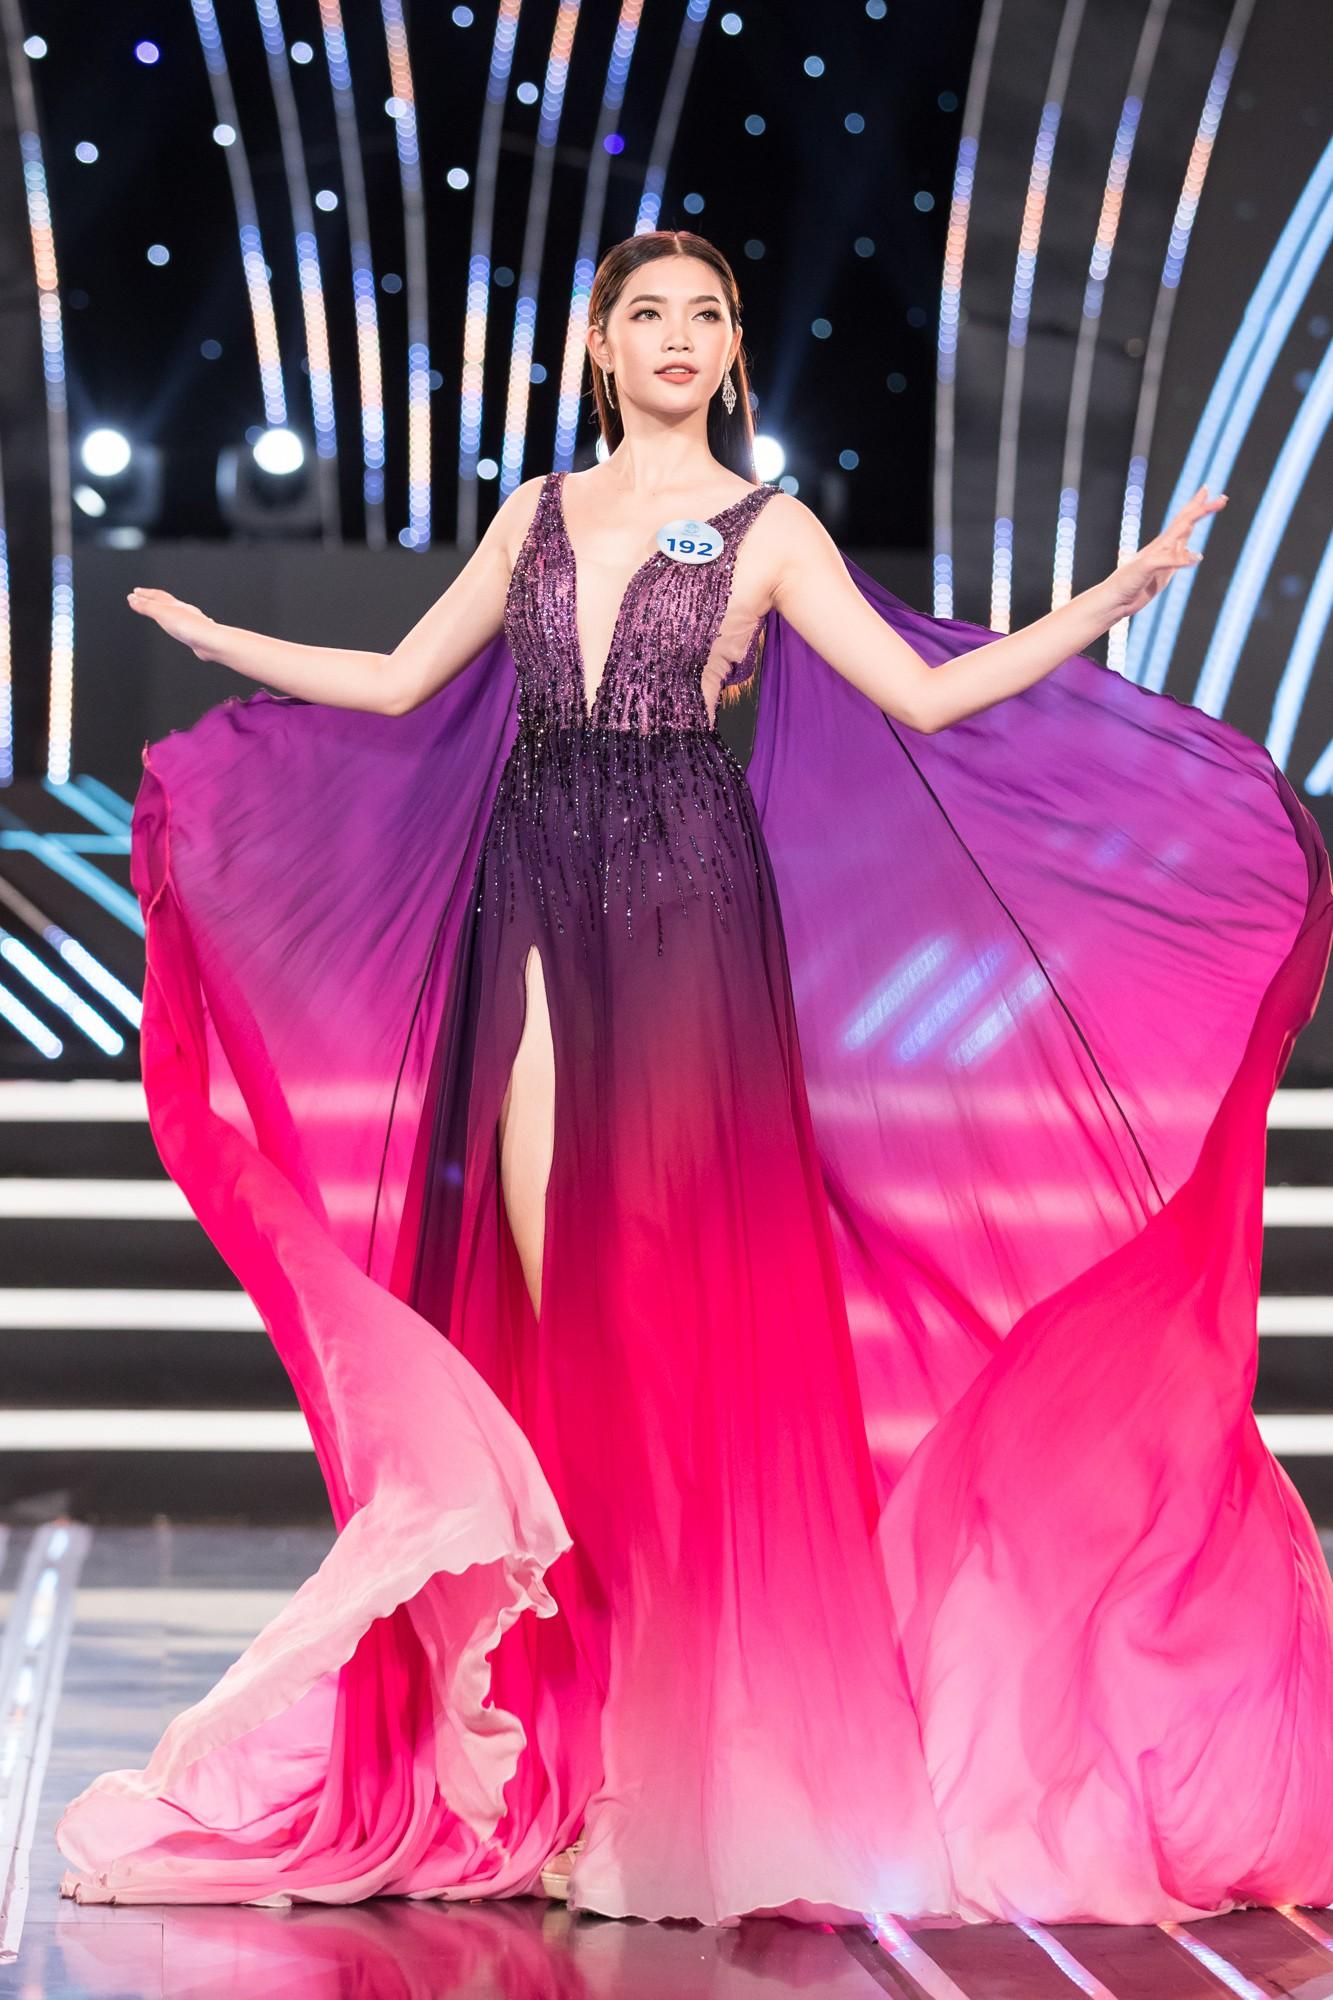 Soi nhan sắc 20 cô gái phía Bắc vừa lọt Chung kết Miss World VN: Thí sinh mặt đẹp nhất lại lộ vóc dáng đô con, thiếu đường cong-14